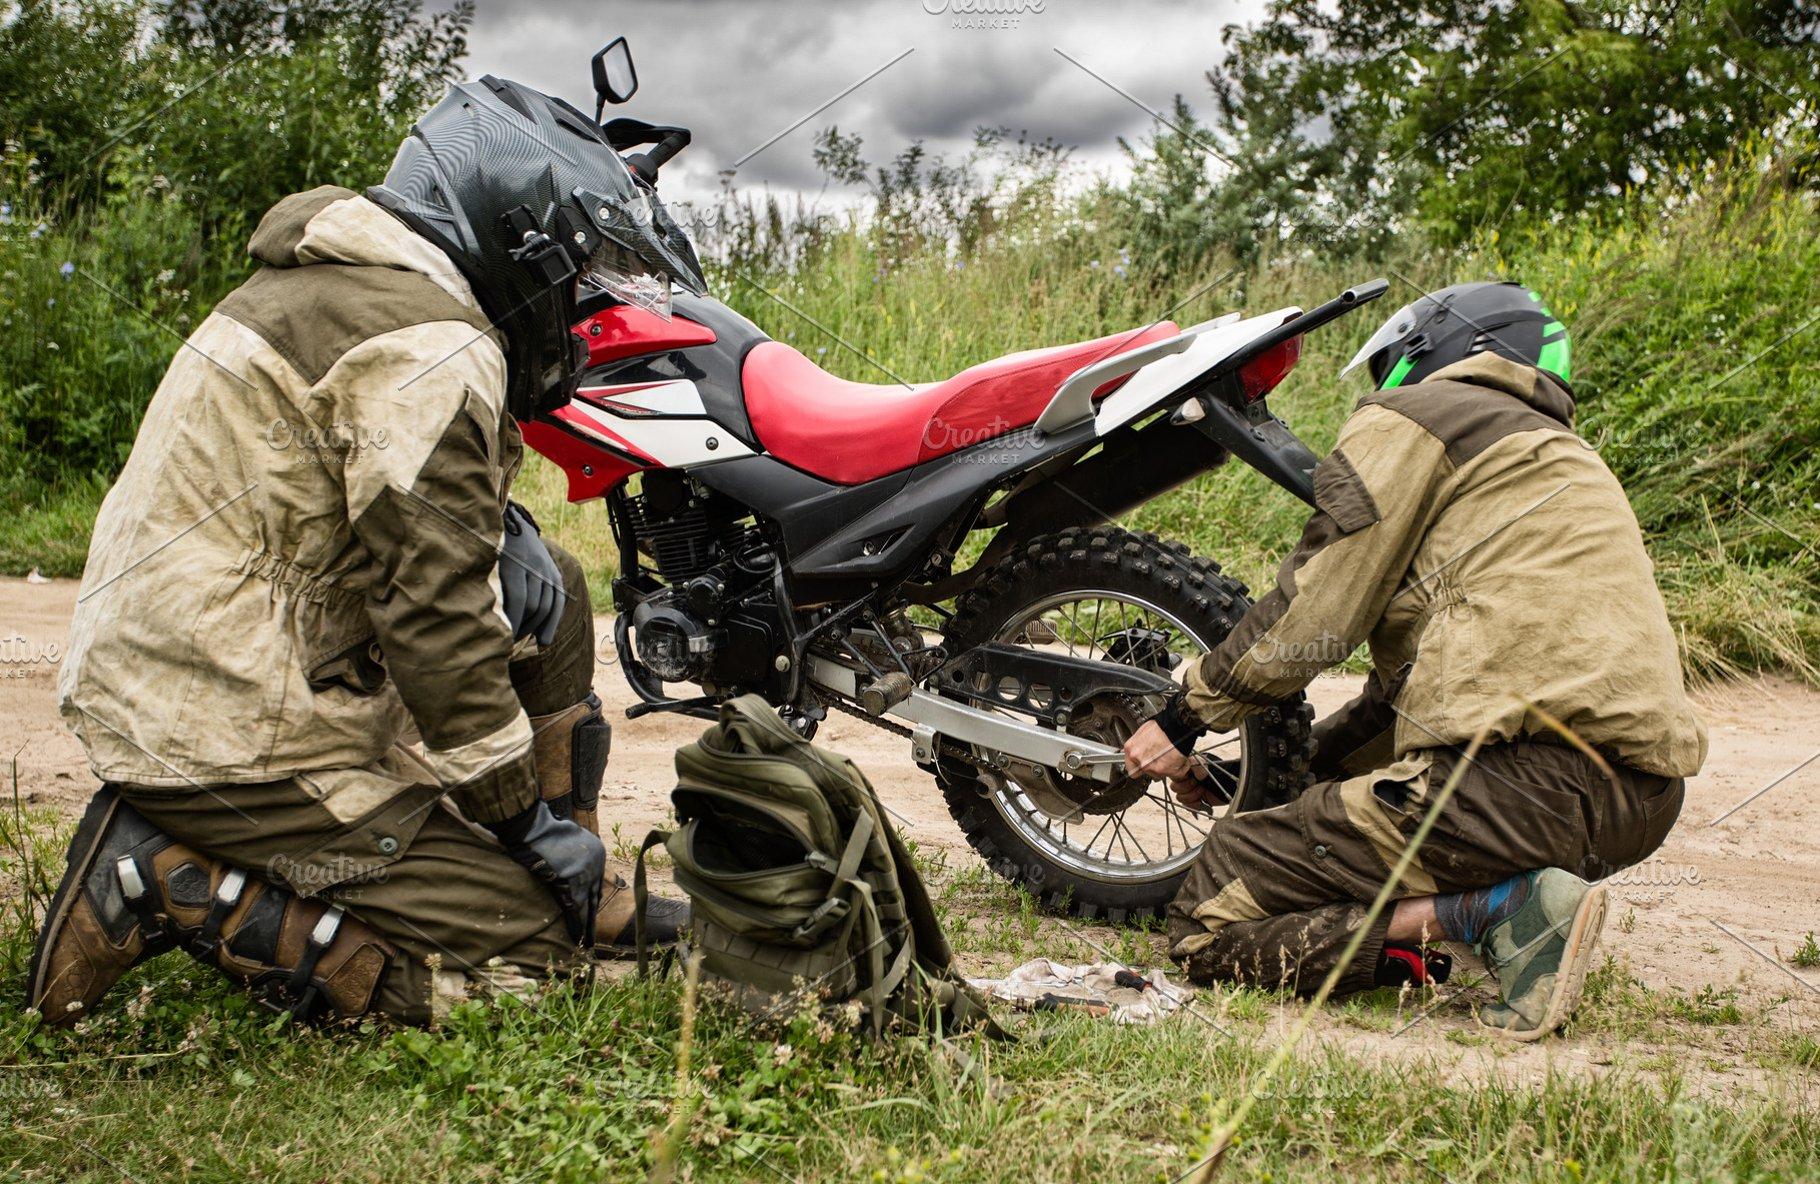 Motorcycle repair on the road